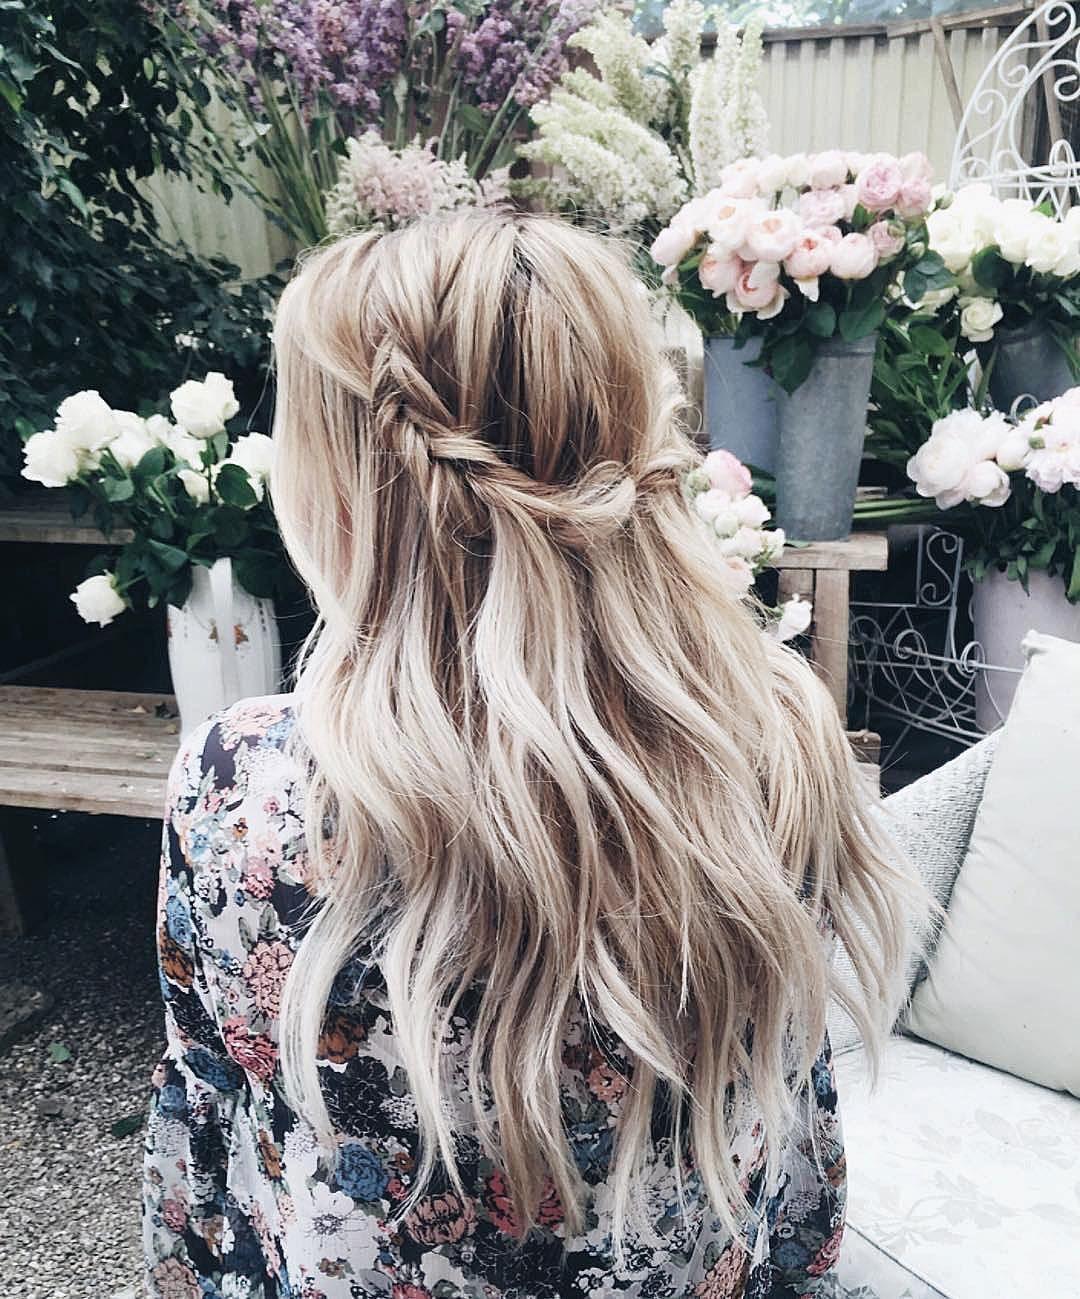 insta and pinterest amymckeown hairstyles pinterest